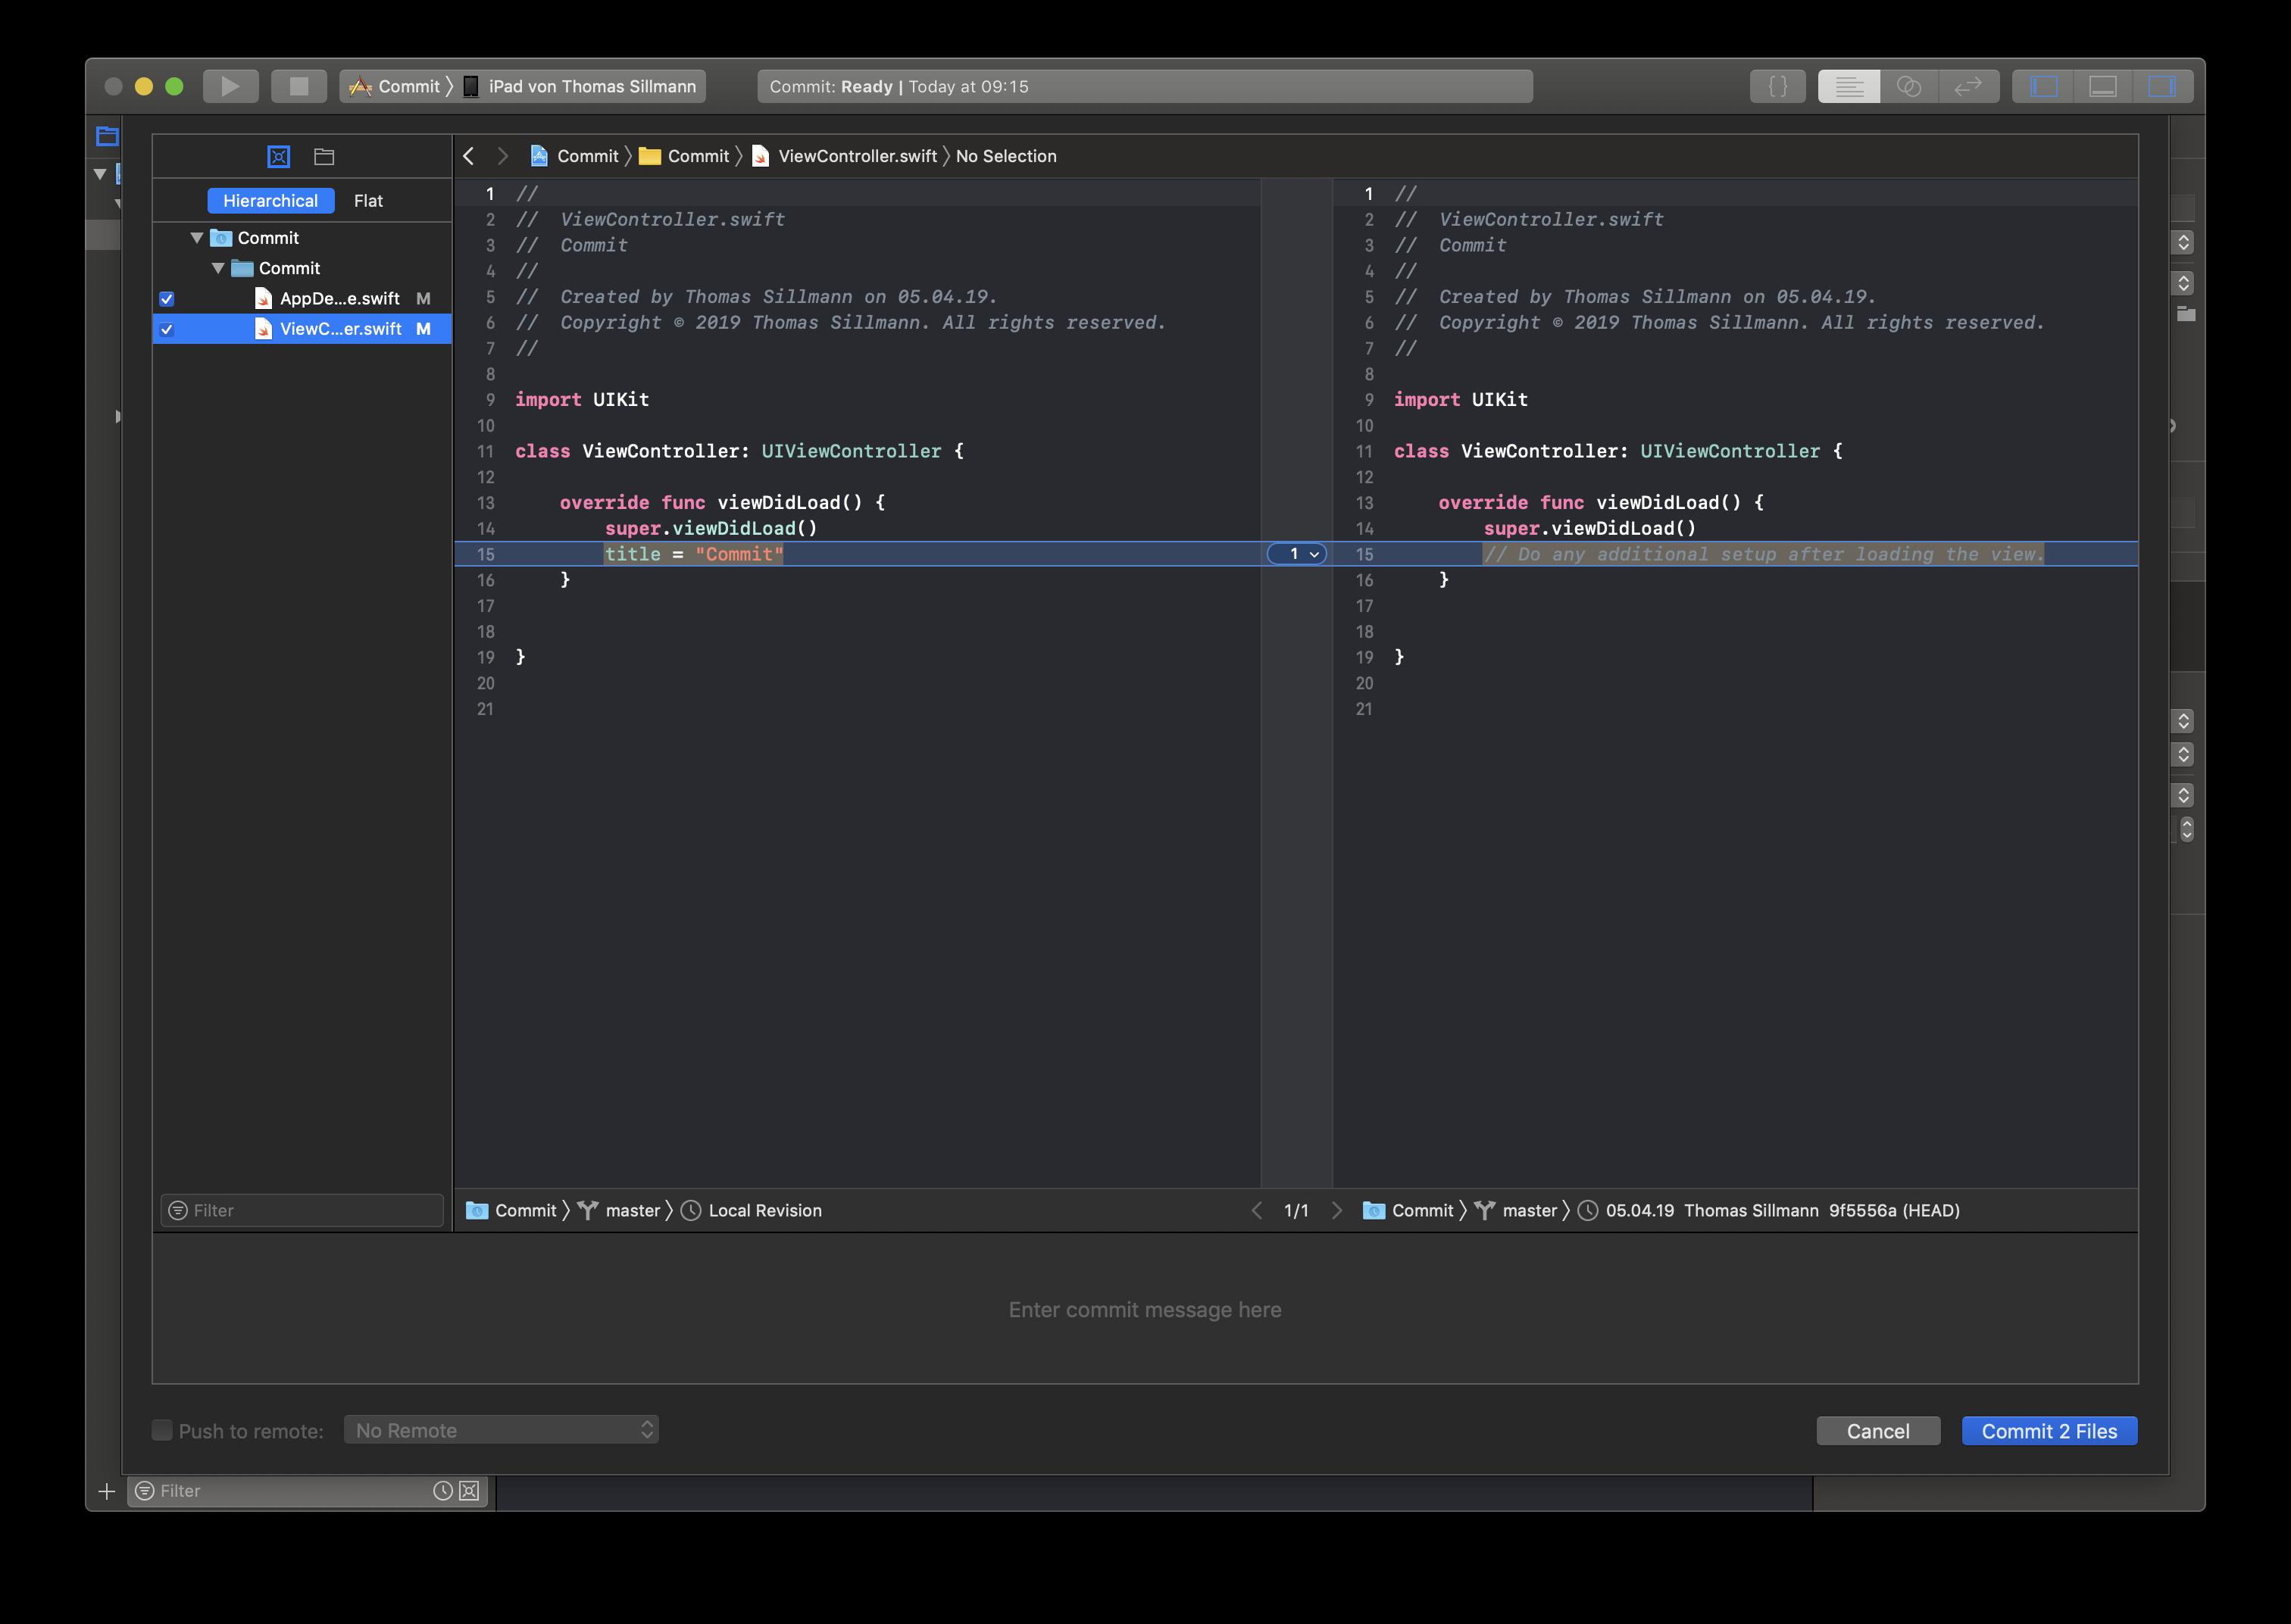 In diesem Fenster listet Xcode all eure Änderungen am zugrundeliegenden Repository auf, die seit dem letzten Commit vorgenommen wurden.